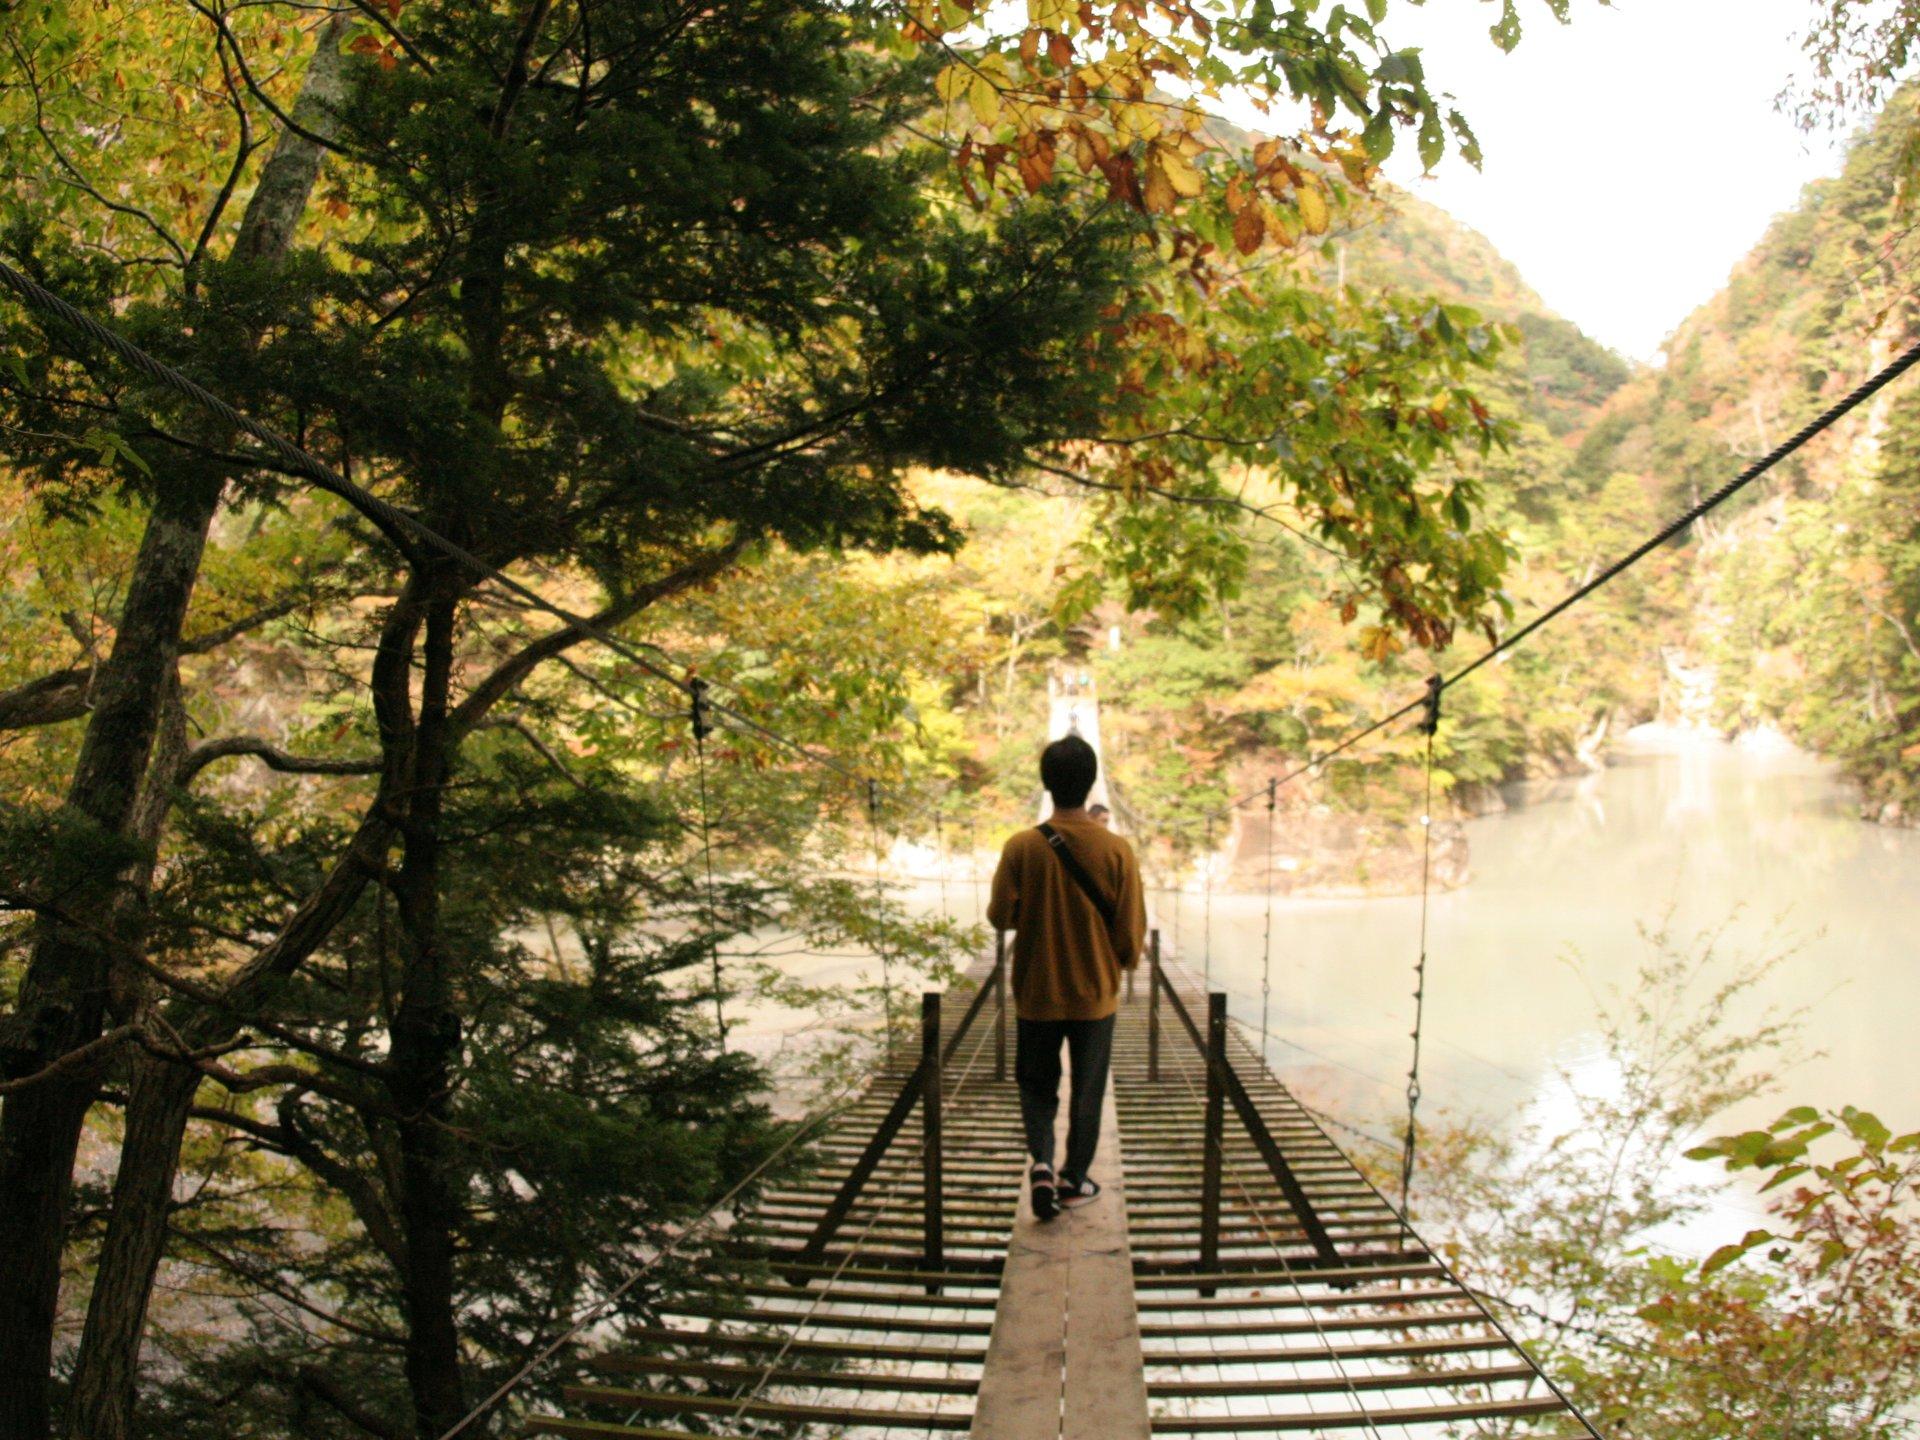 吊り橋ドキドキ体験!静岡にある「夢の吊り橋」ってどんなとこ?